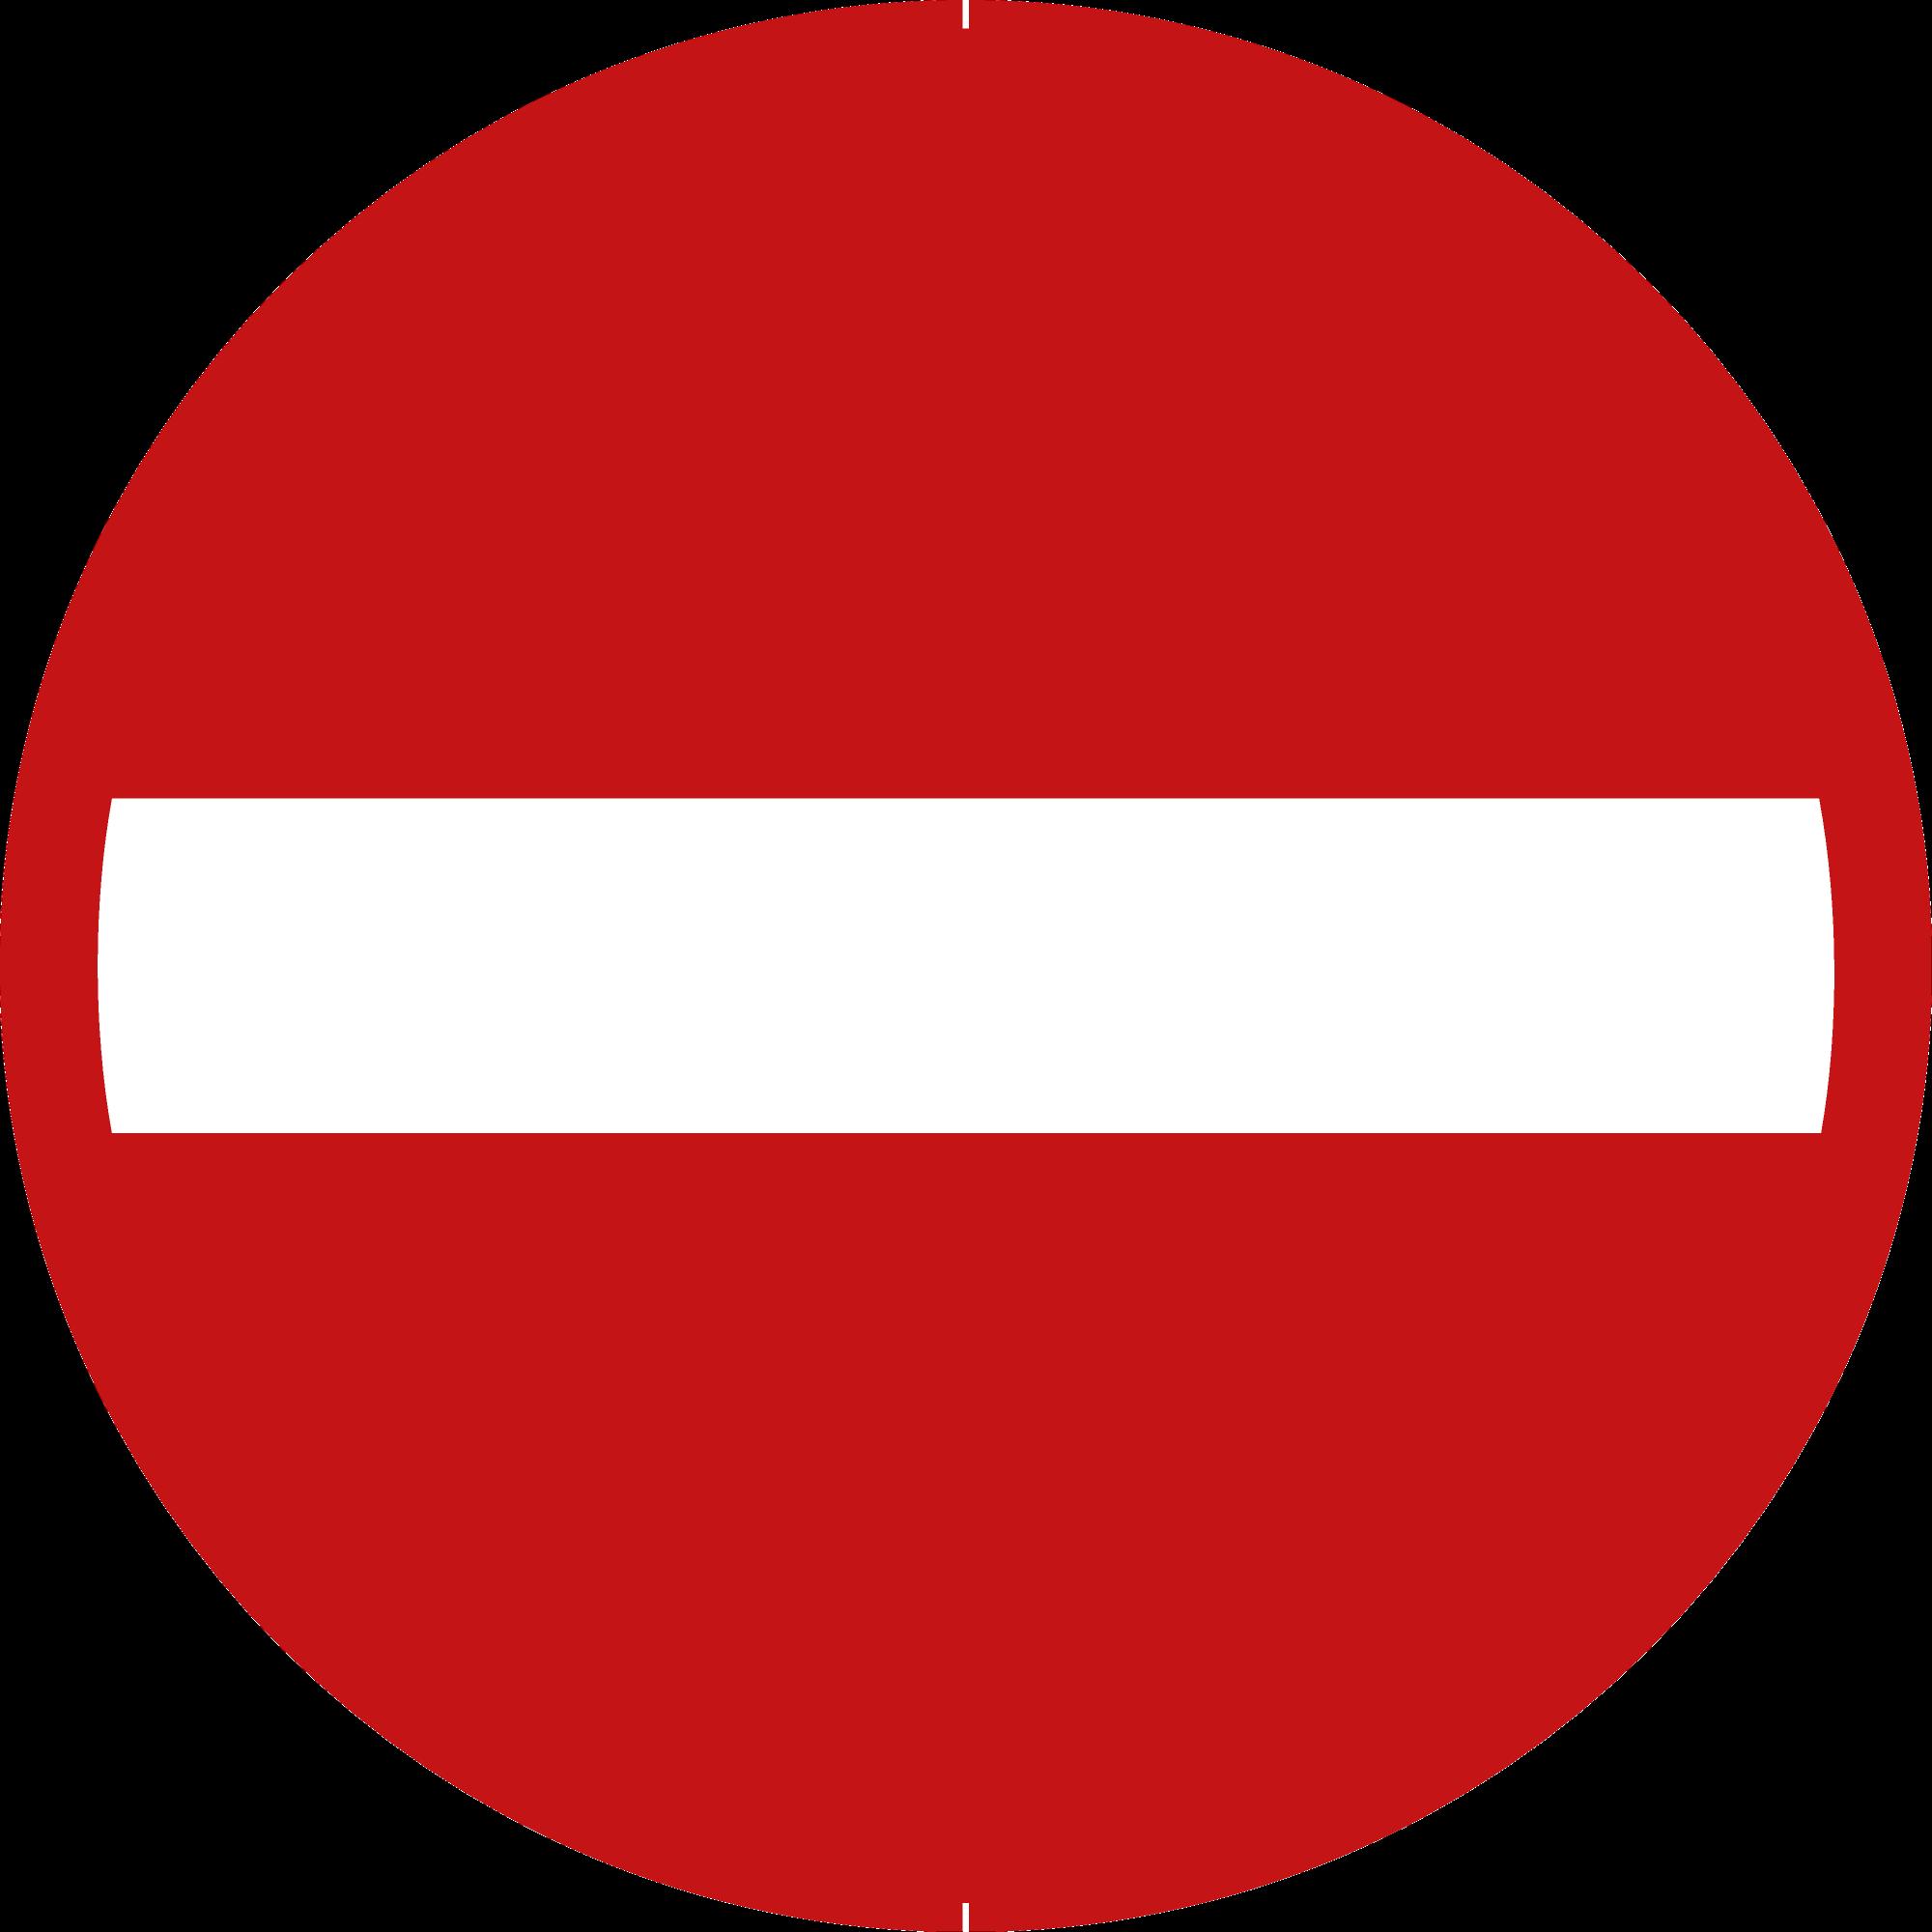 Signface - C1 - klasse  I - Ø 400 mm